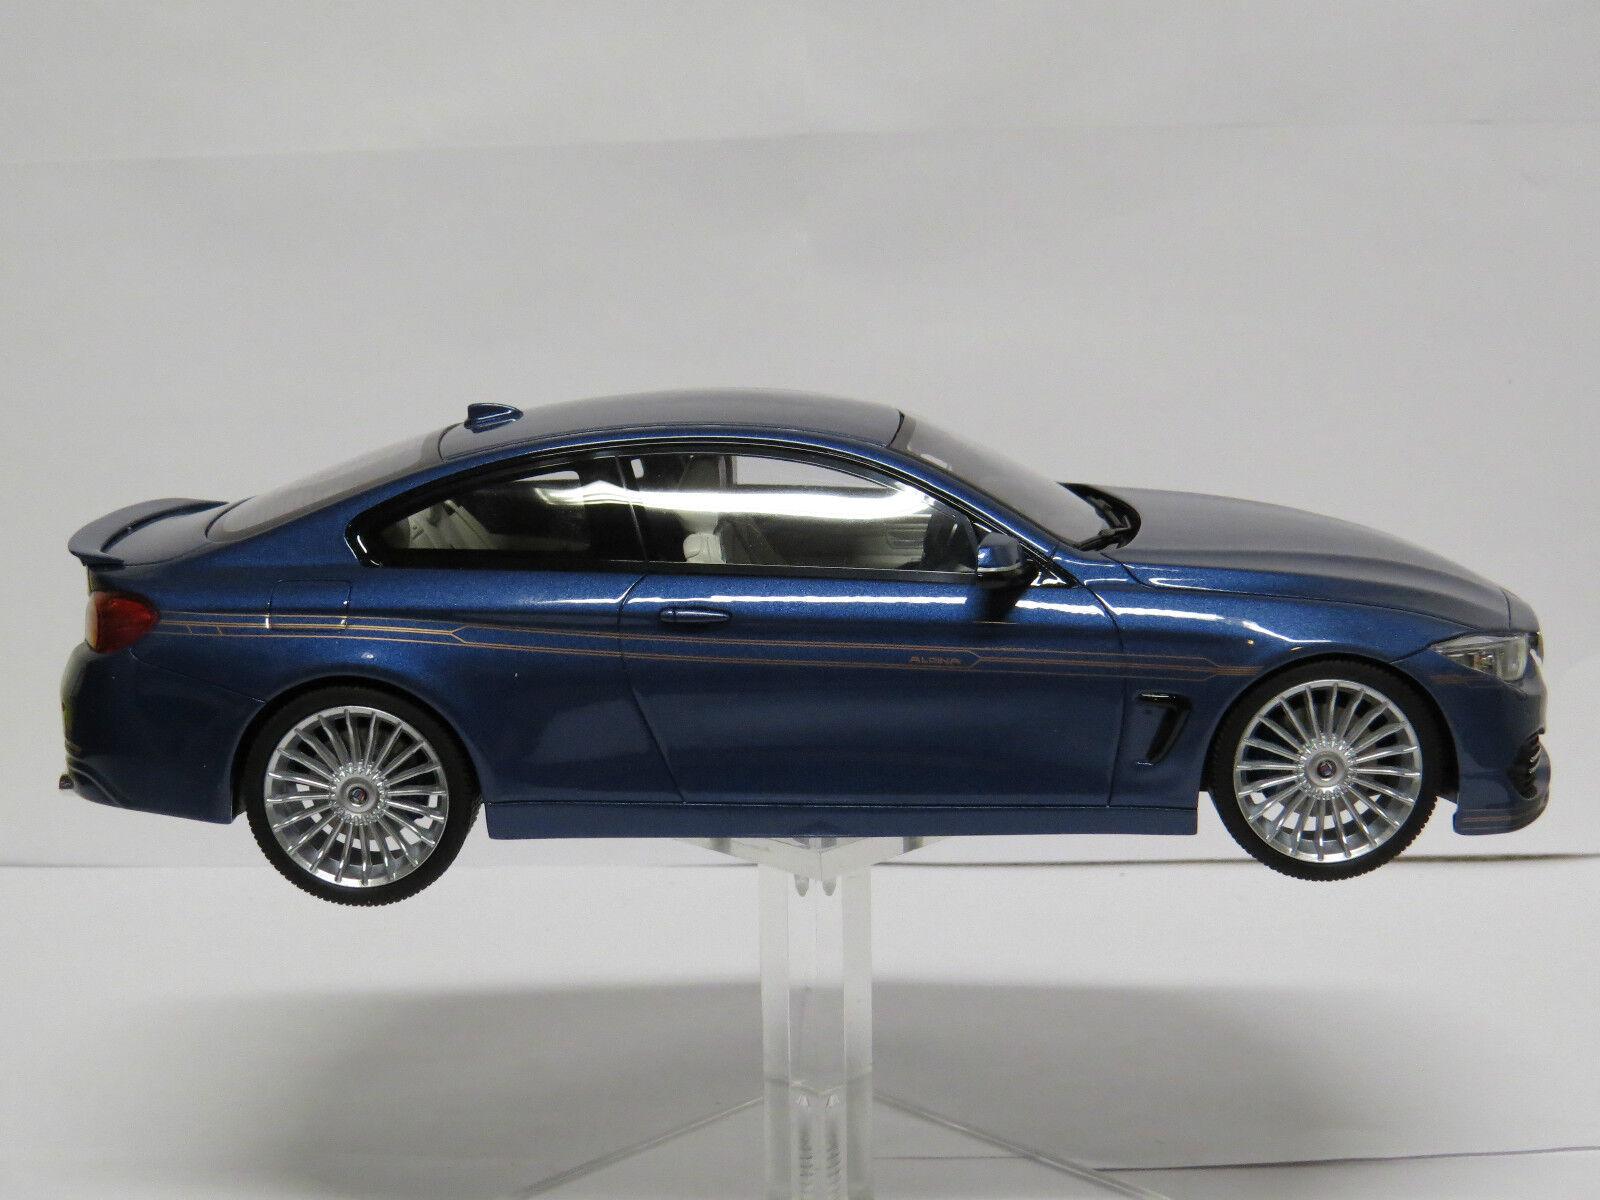 Venta al por mayor barato y de alta calidad. BMW BMW BMW alpine B4 Biturbo azul 1 18 GT090  precio mas barato